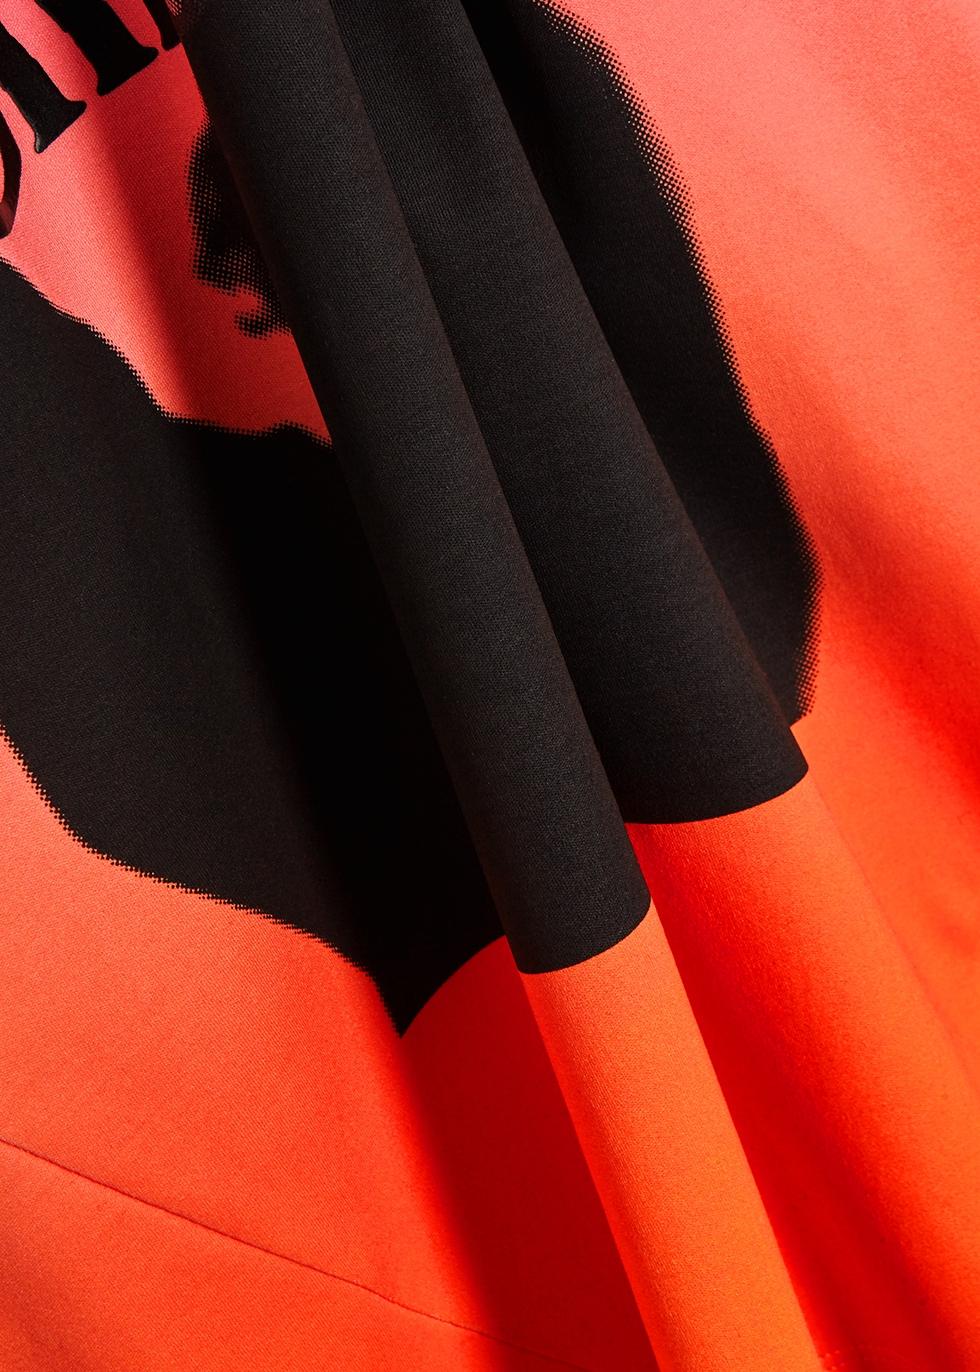 Dégradé printed cotton T-shirt - Chloé